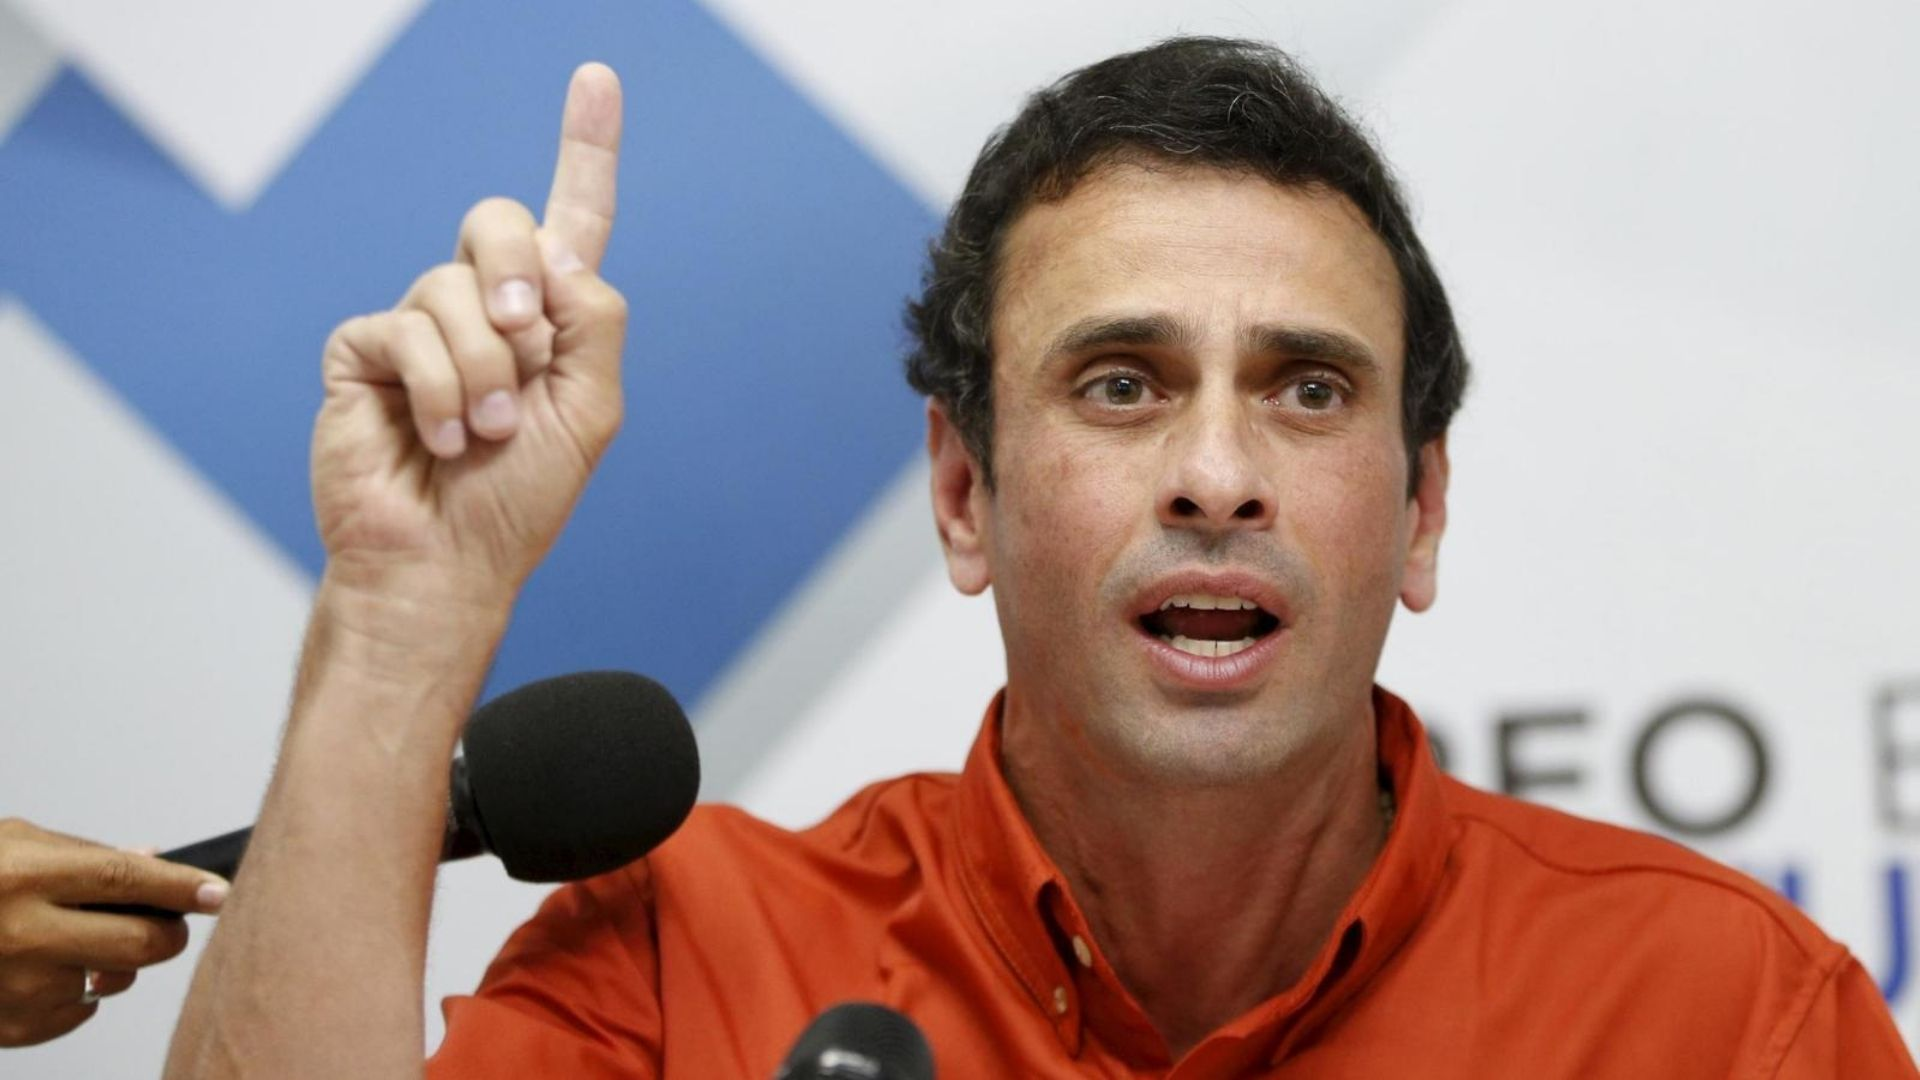 Capriles aludiendo a Guaidó: El plan que había se agotó, la agenda no dio resultado